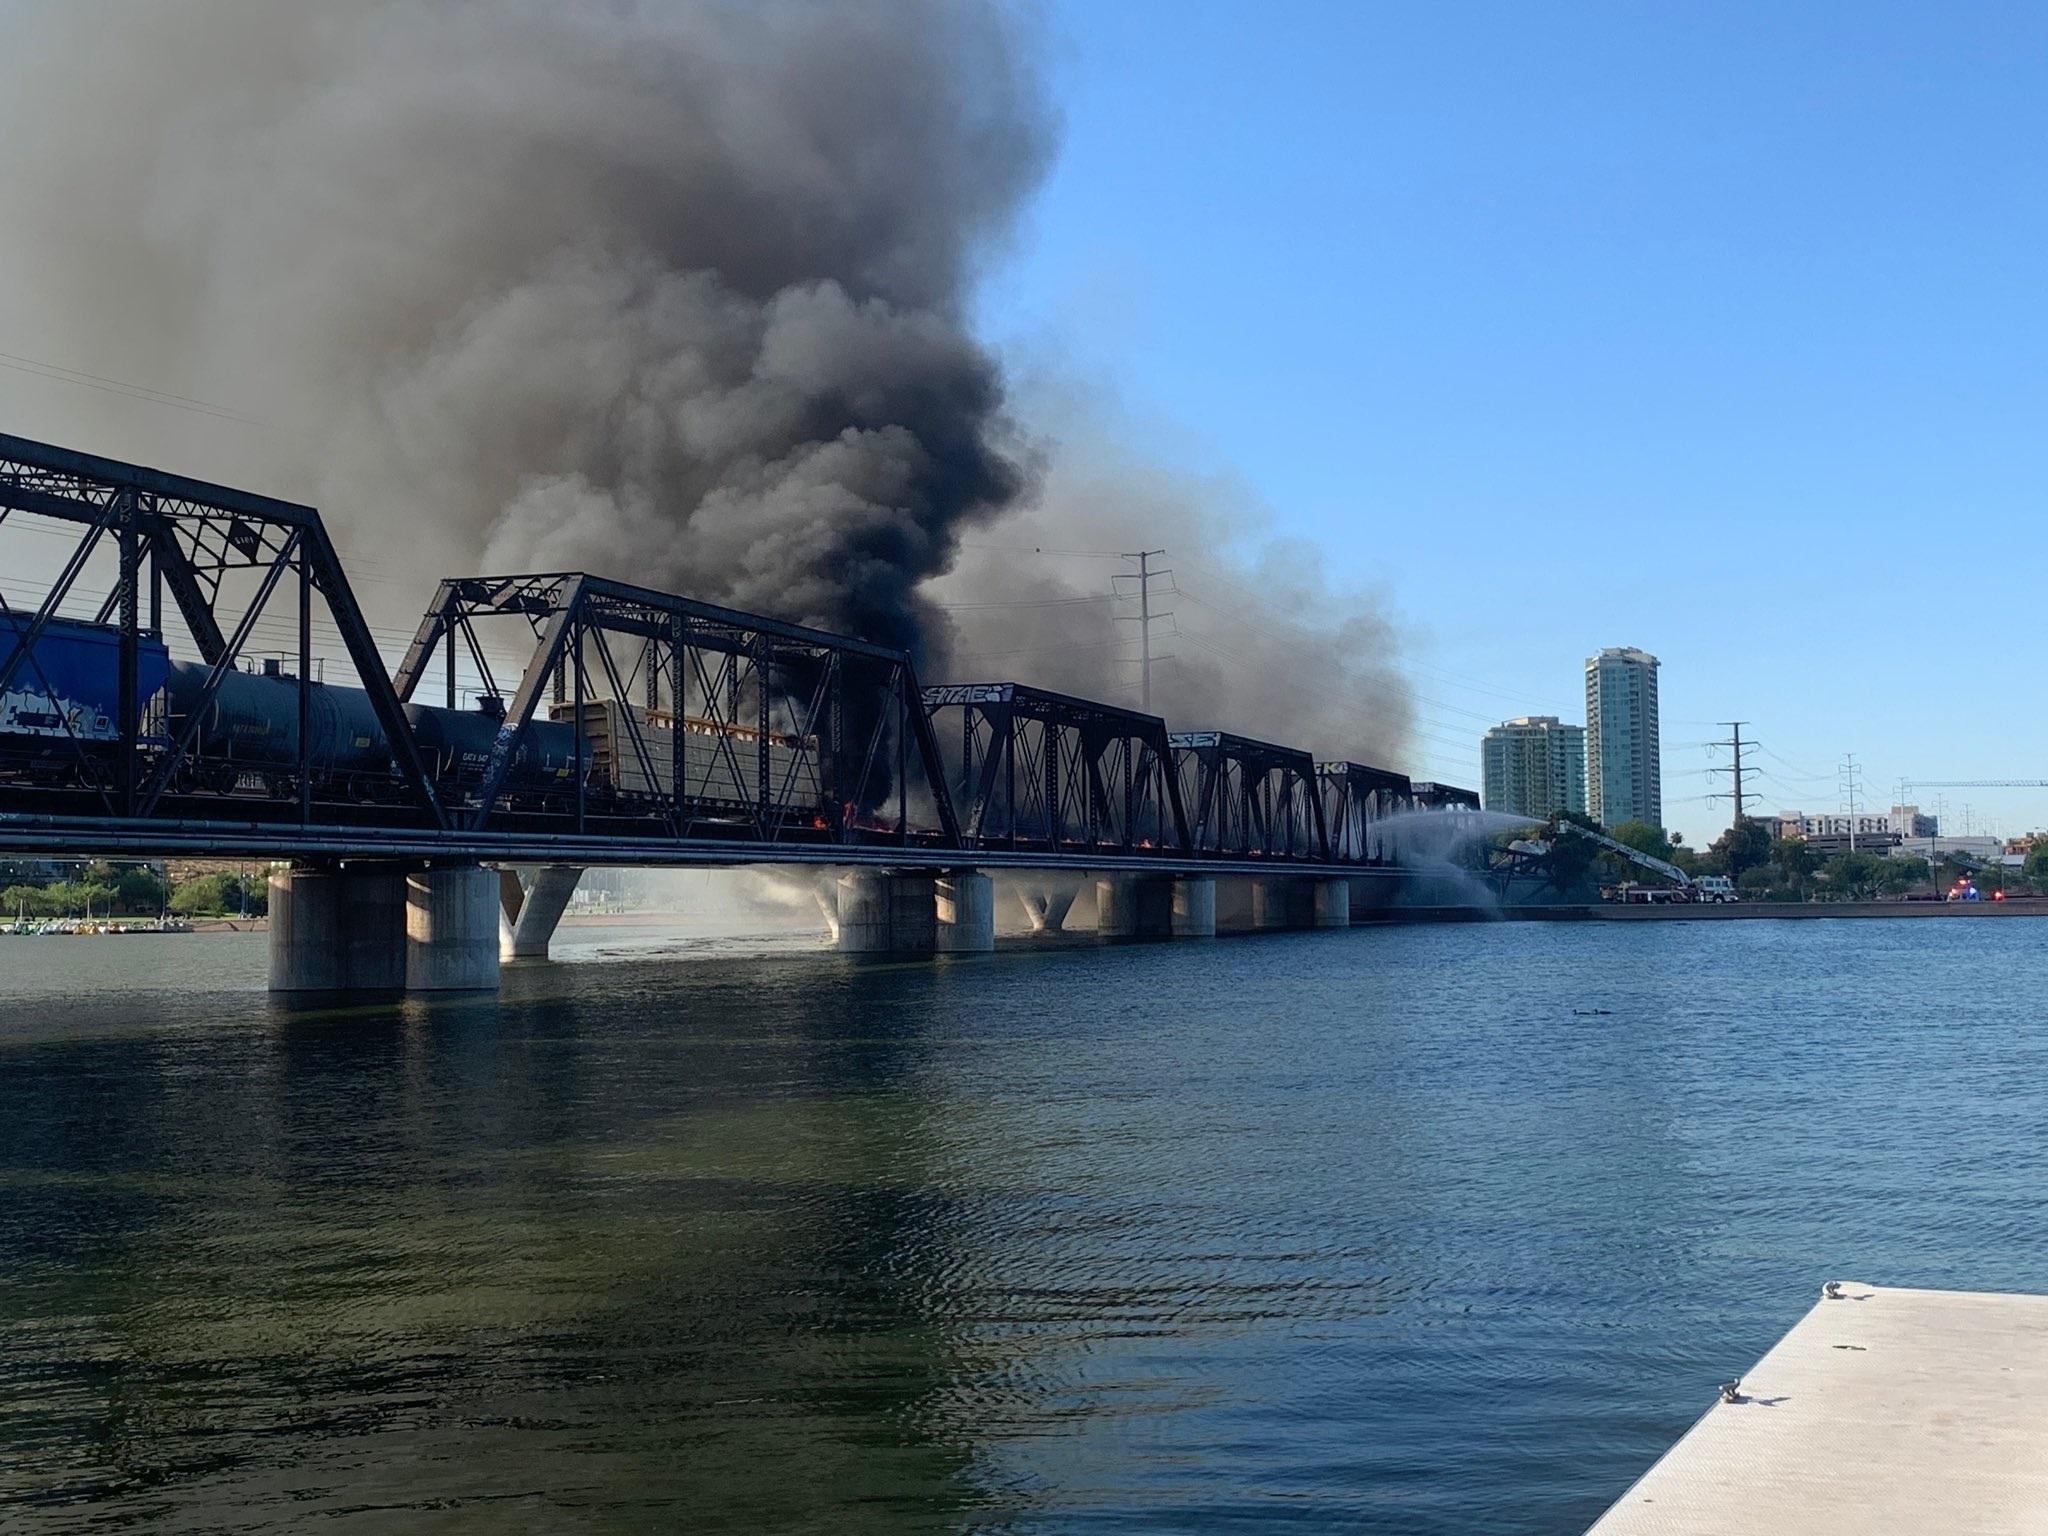 Densas columnas de humo negro se podían ver desde la distancia. Foto: Policía de Tempe / Efe